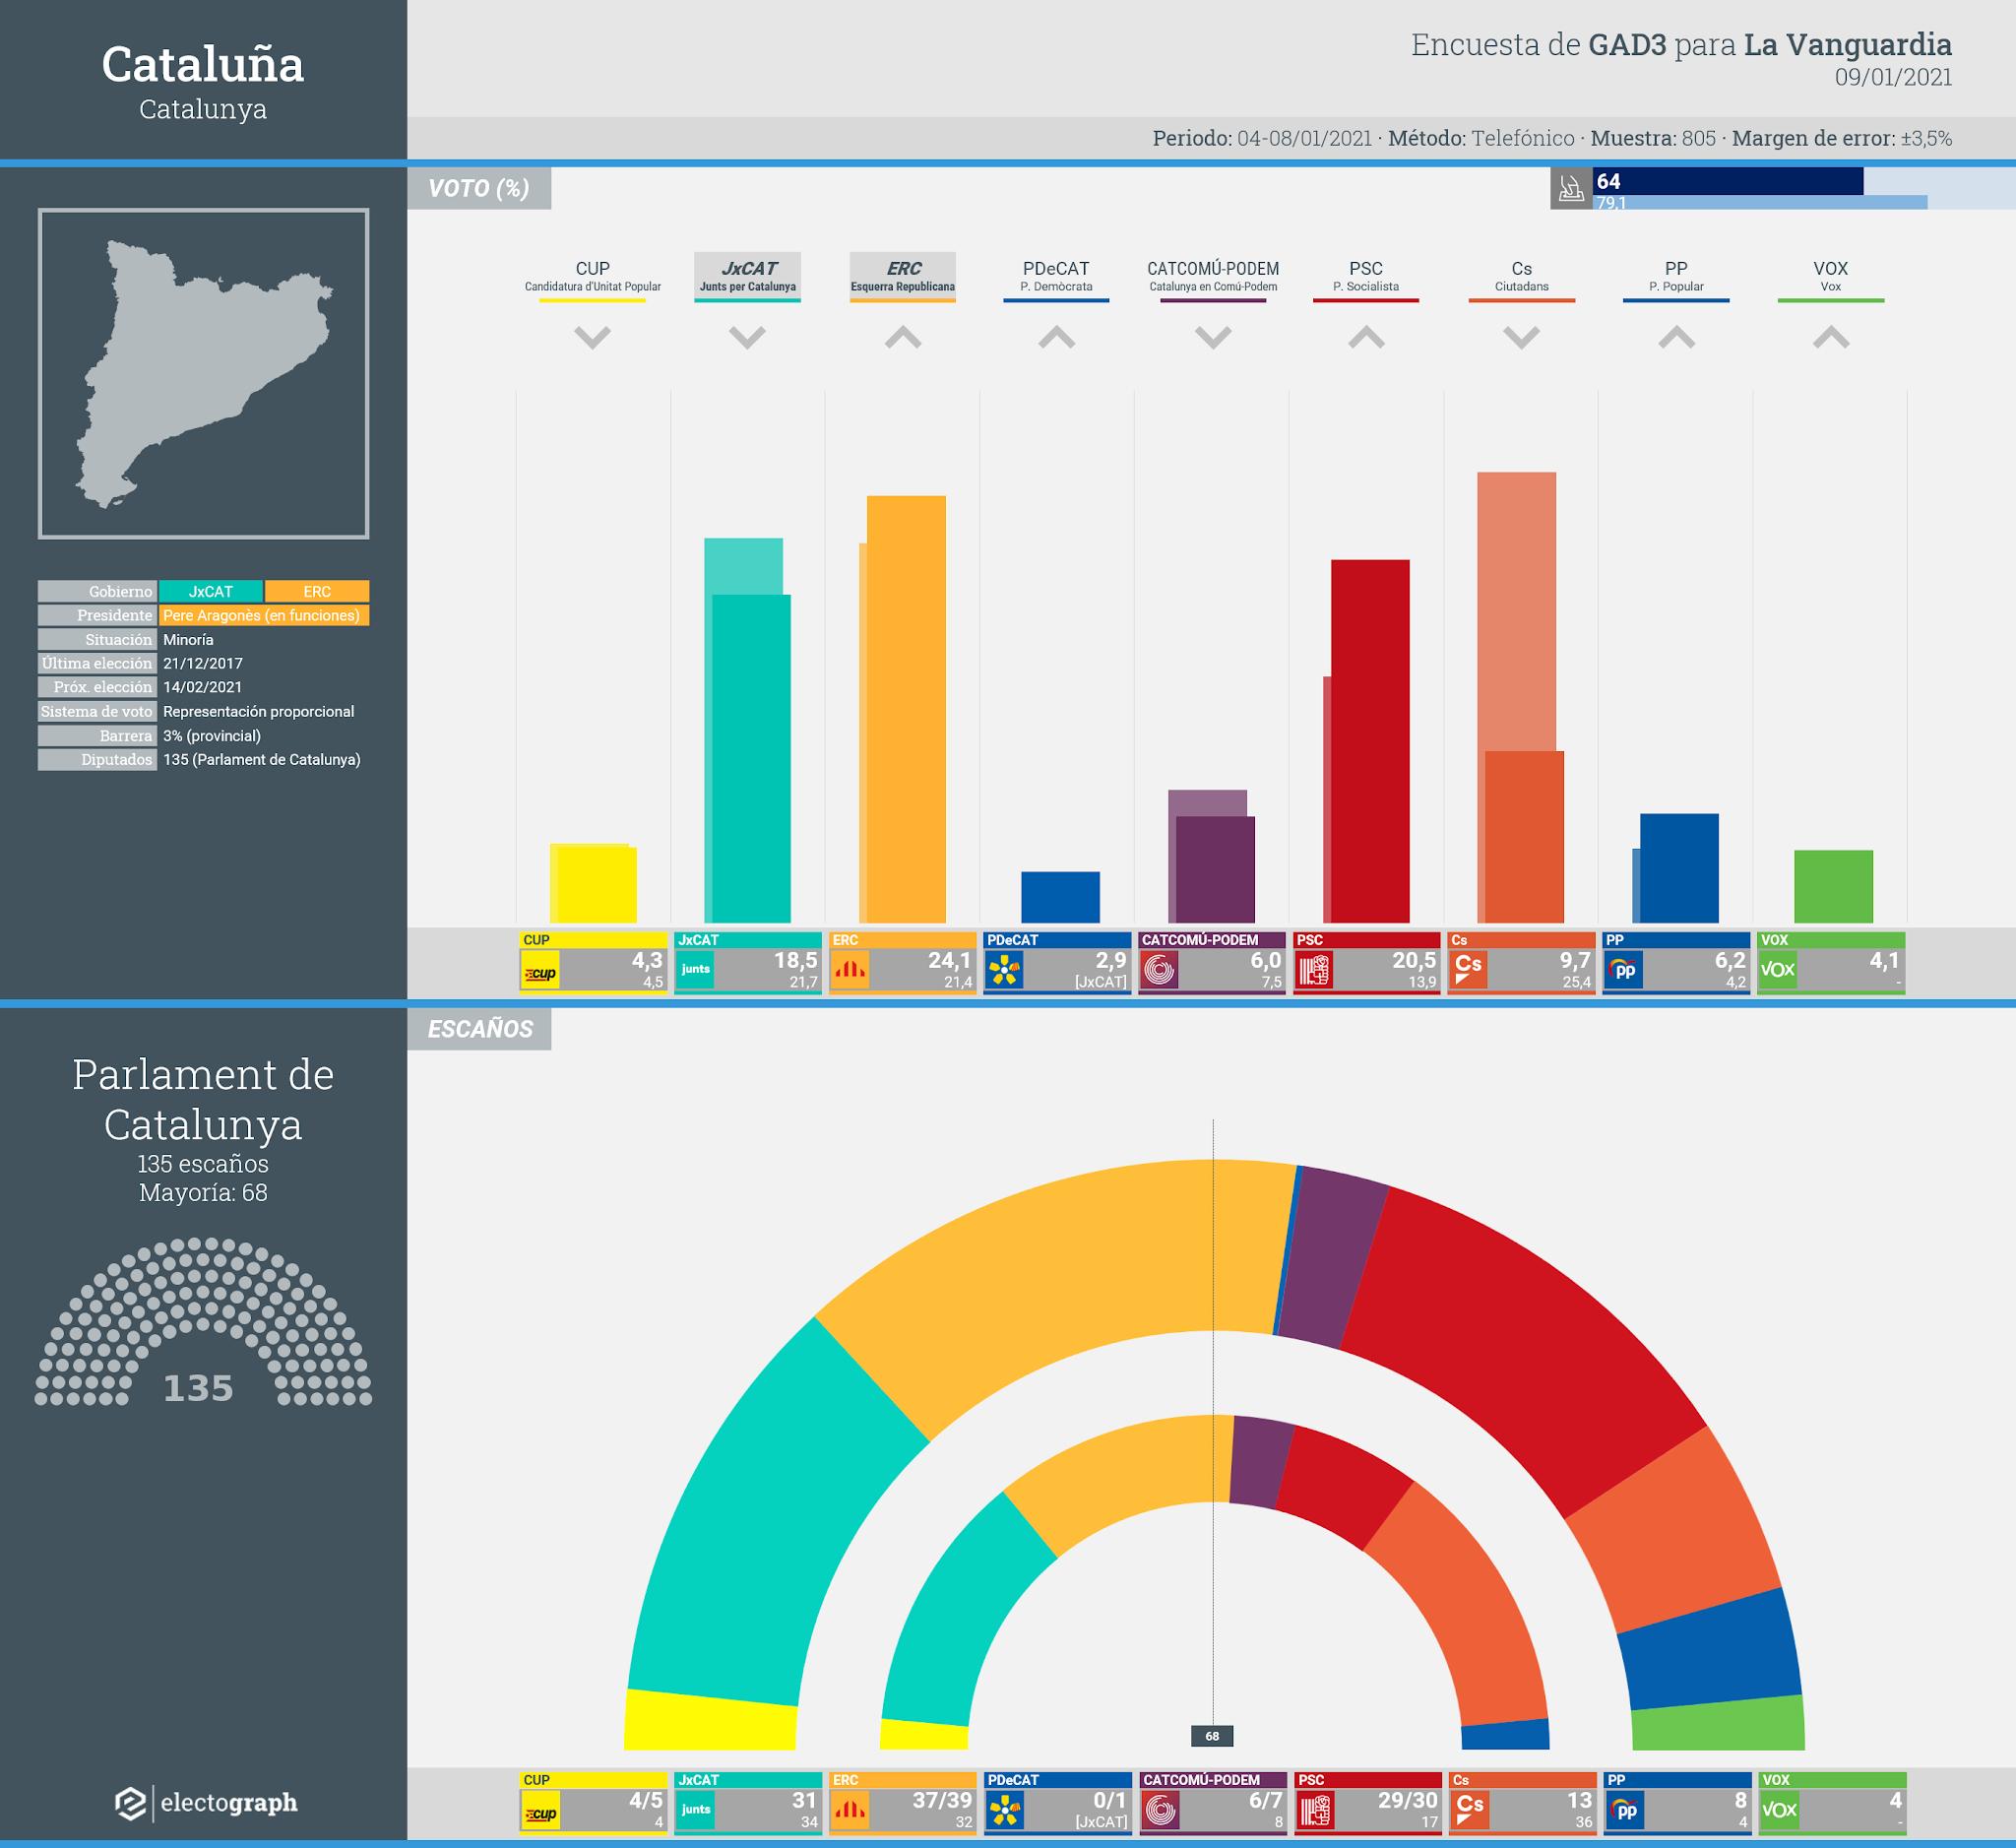 Gráfico de la encuesta para elecciones generales en Cataluña realizada por GAD3 para La Vanguardia, 9 de enero de 2021